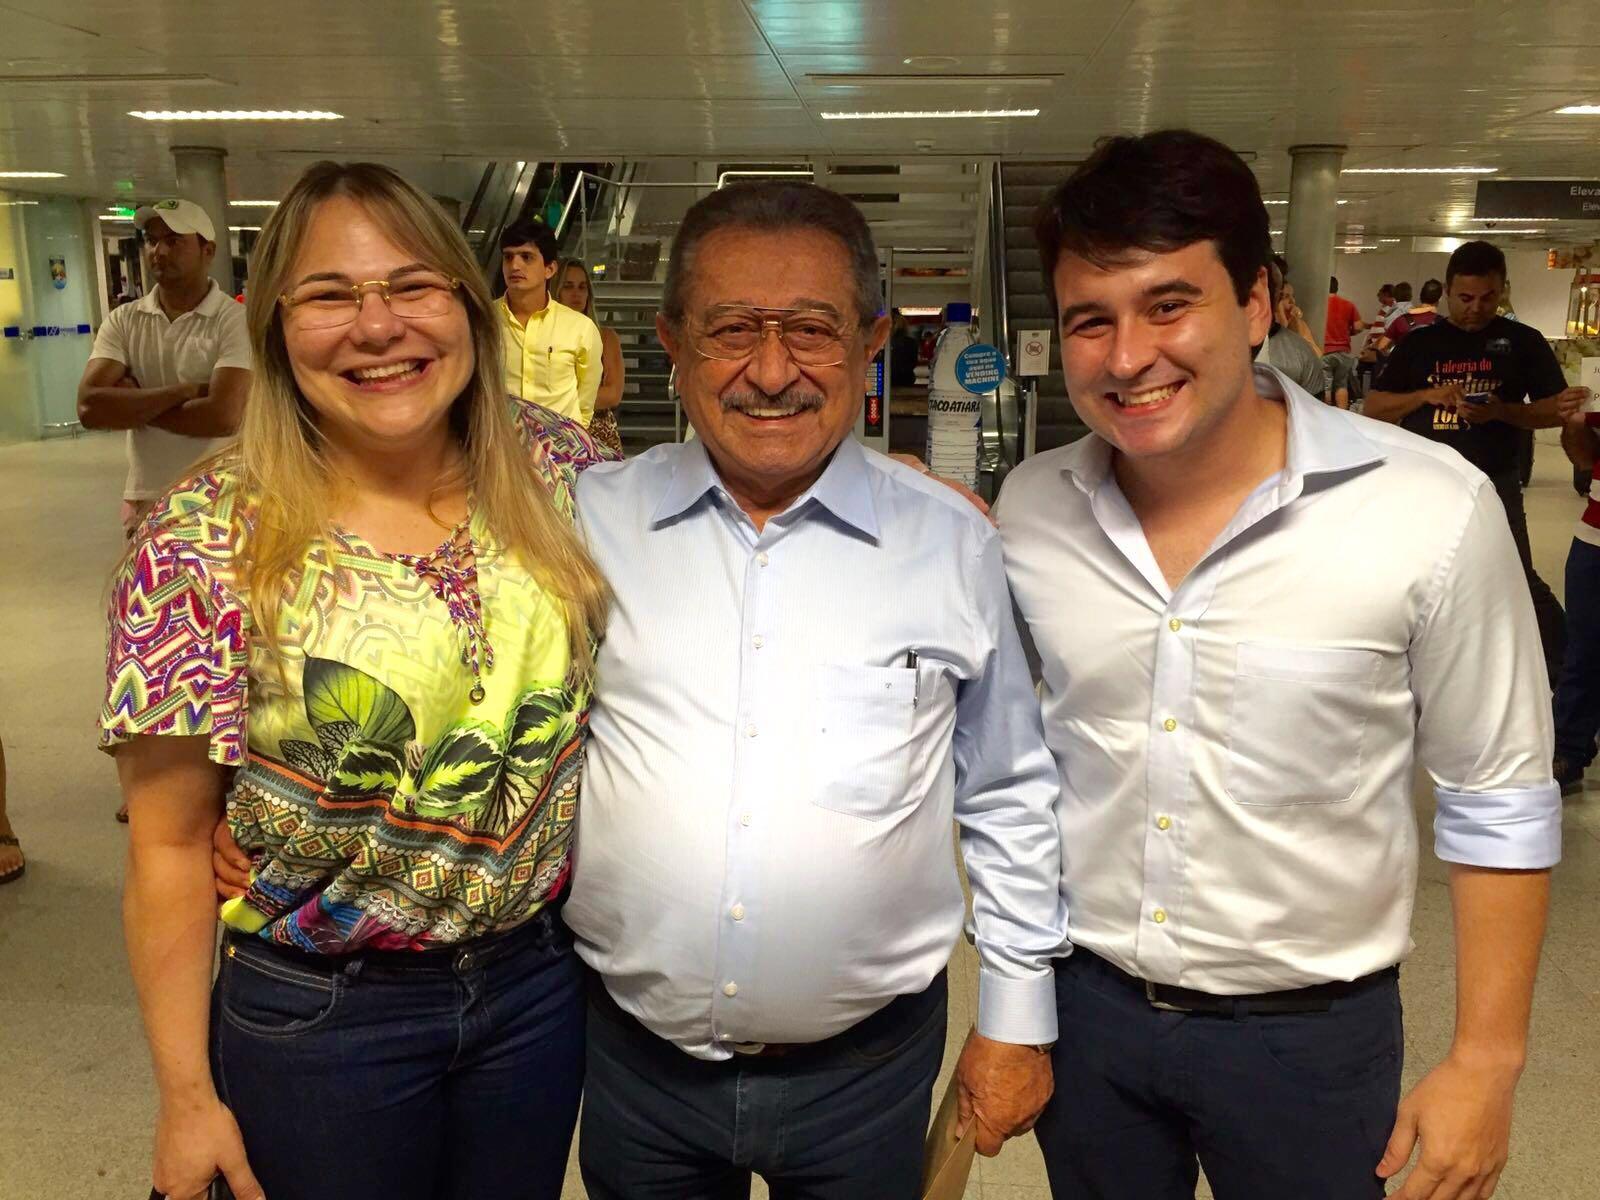 maranhao galdinos - PMDB filia ex-prefeita de Piancó, seu filho pré-candidato e Jullys Roberto